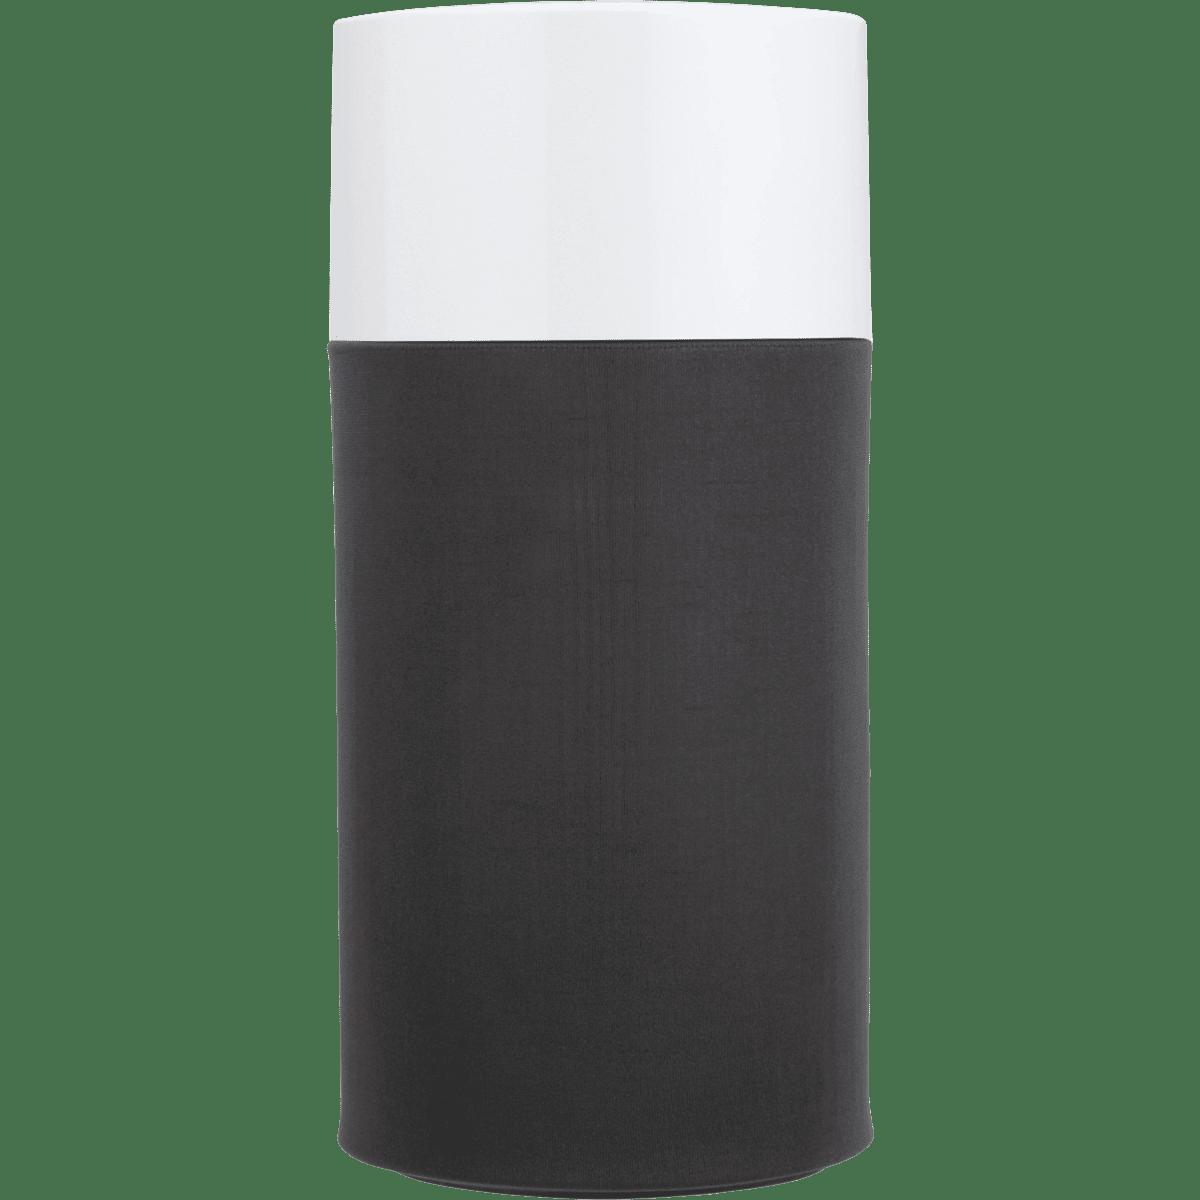 Blueair 411 Air Purifier bl7160